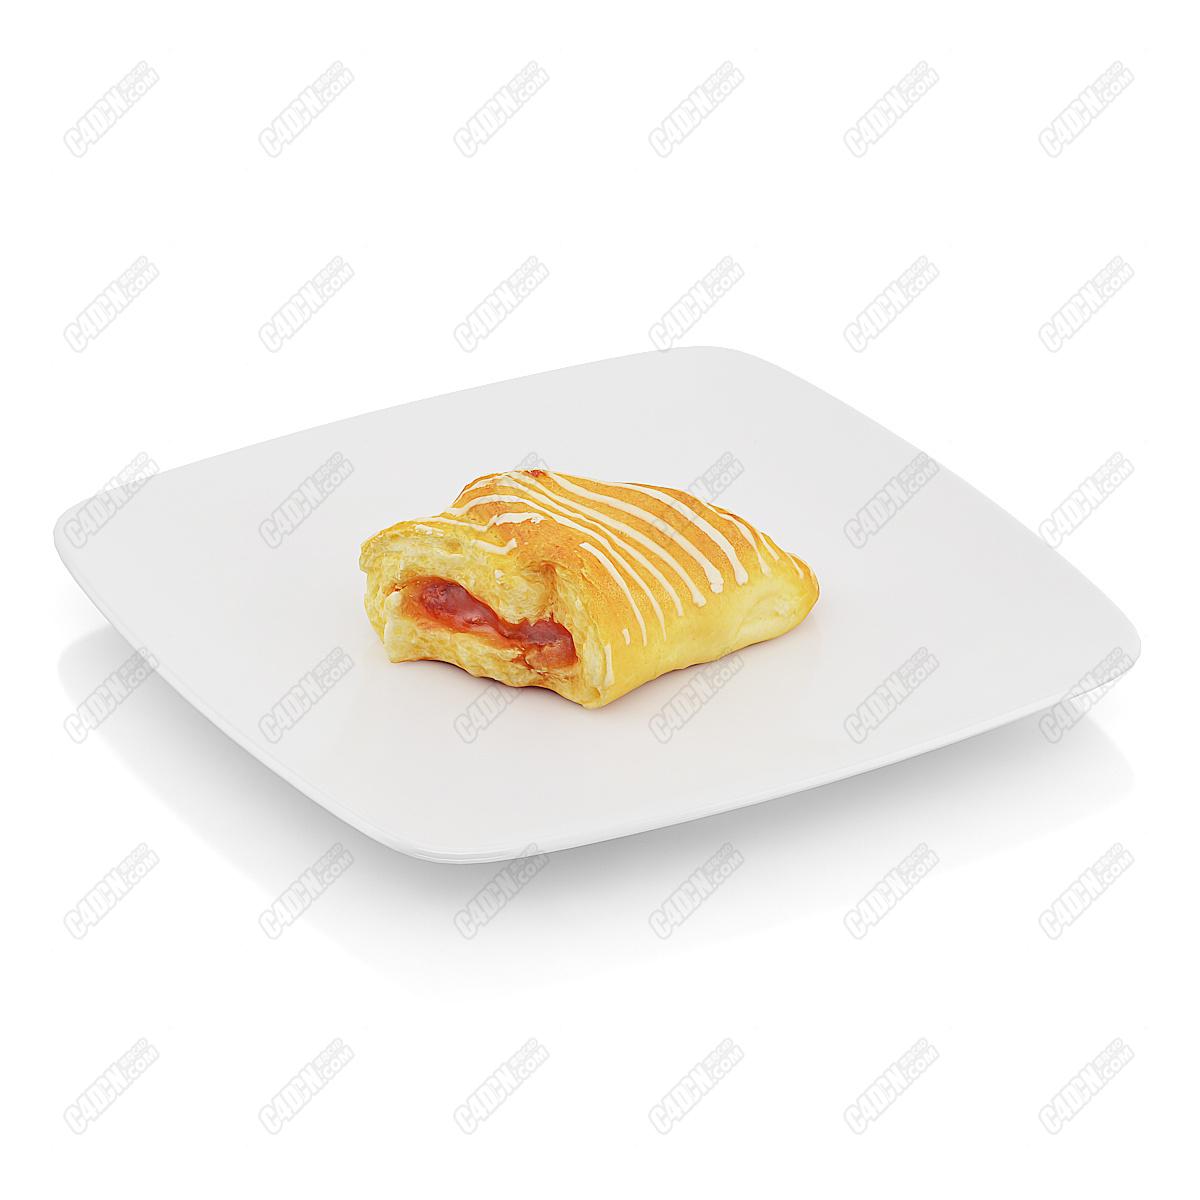 C4D模型-奶油果酱夹心饼蛋糕房面包(包含材质和贴图)